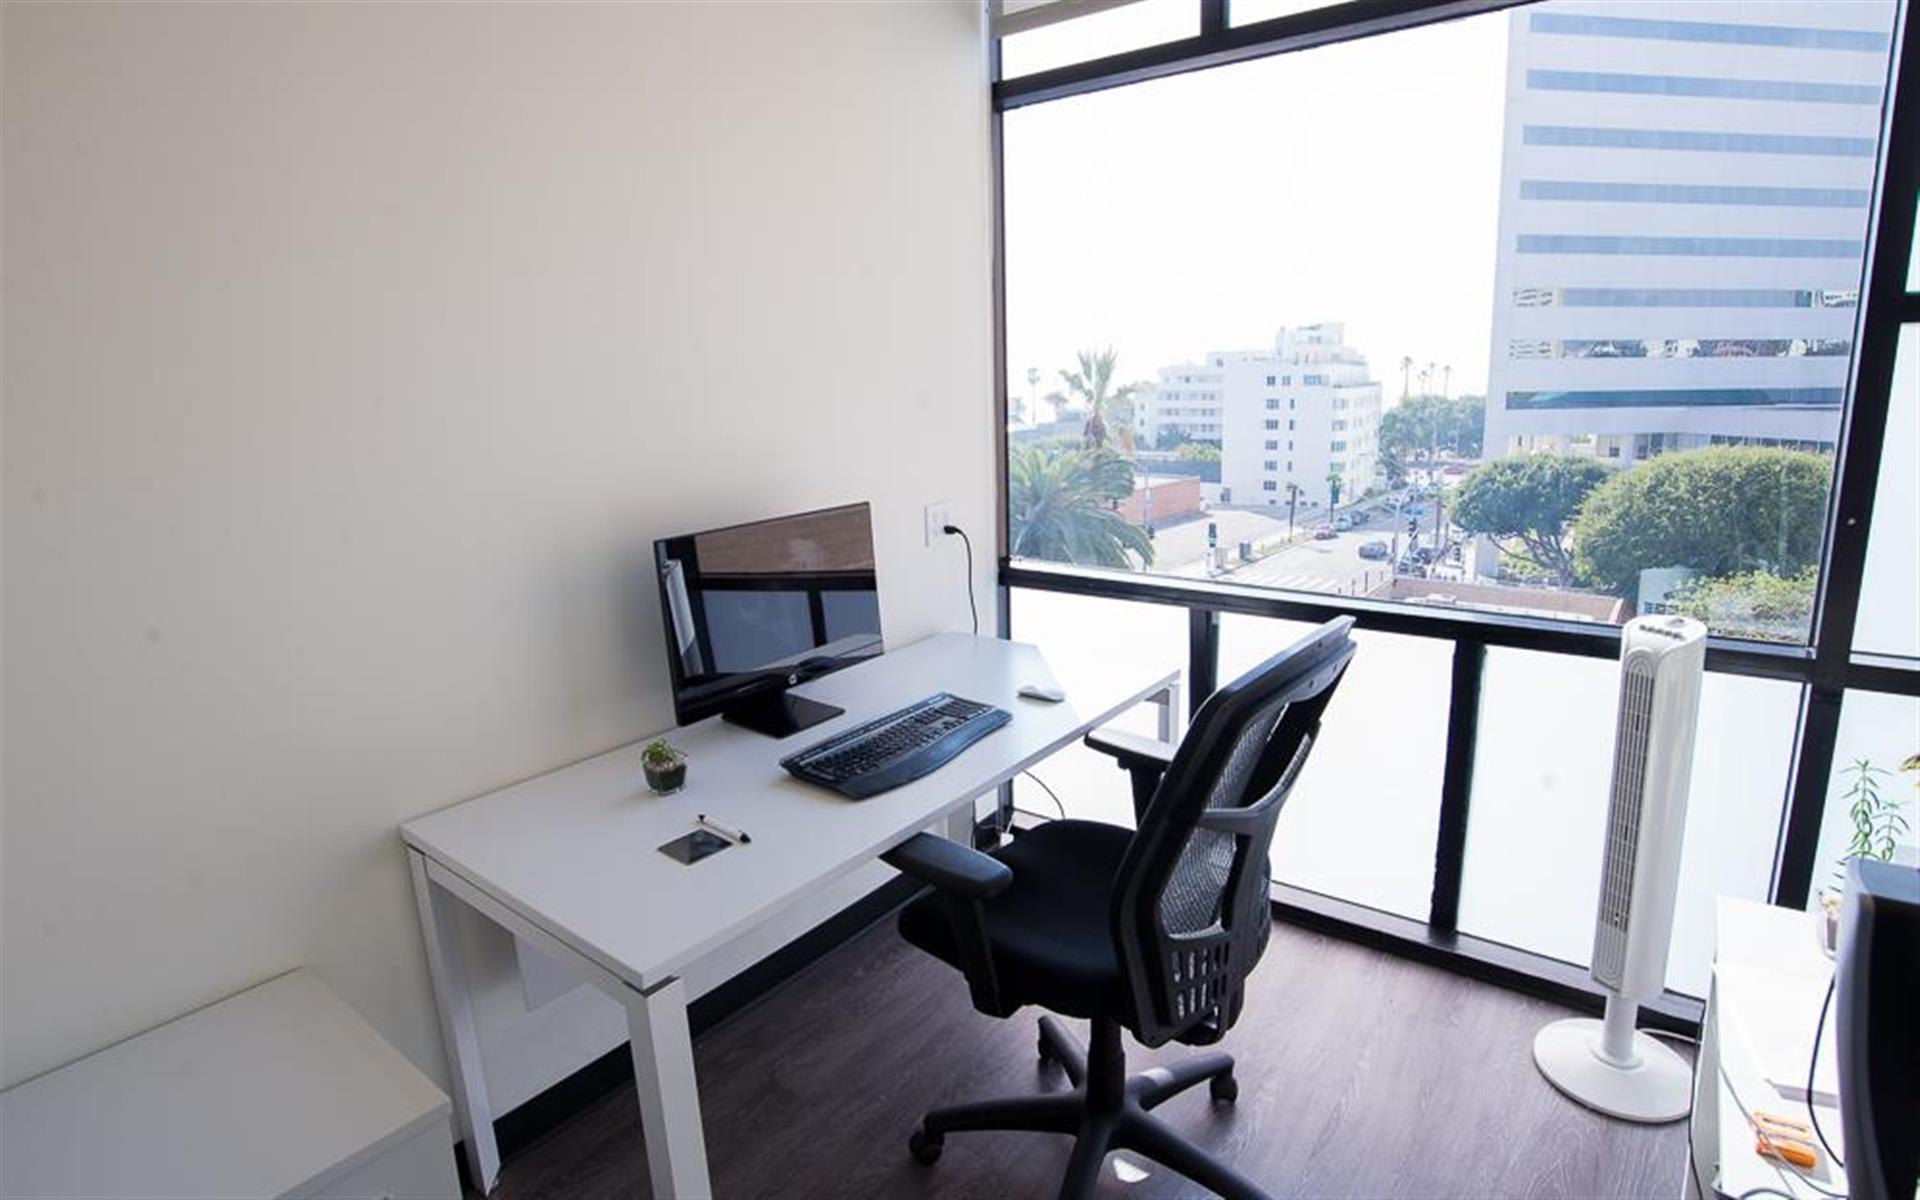 Brainium Studios LLC - Dedicated Desk